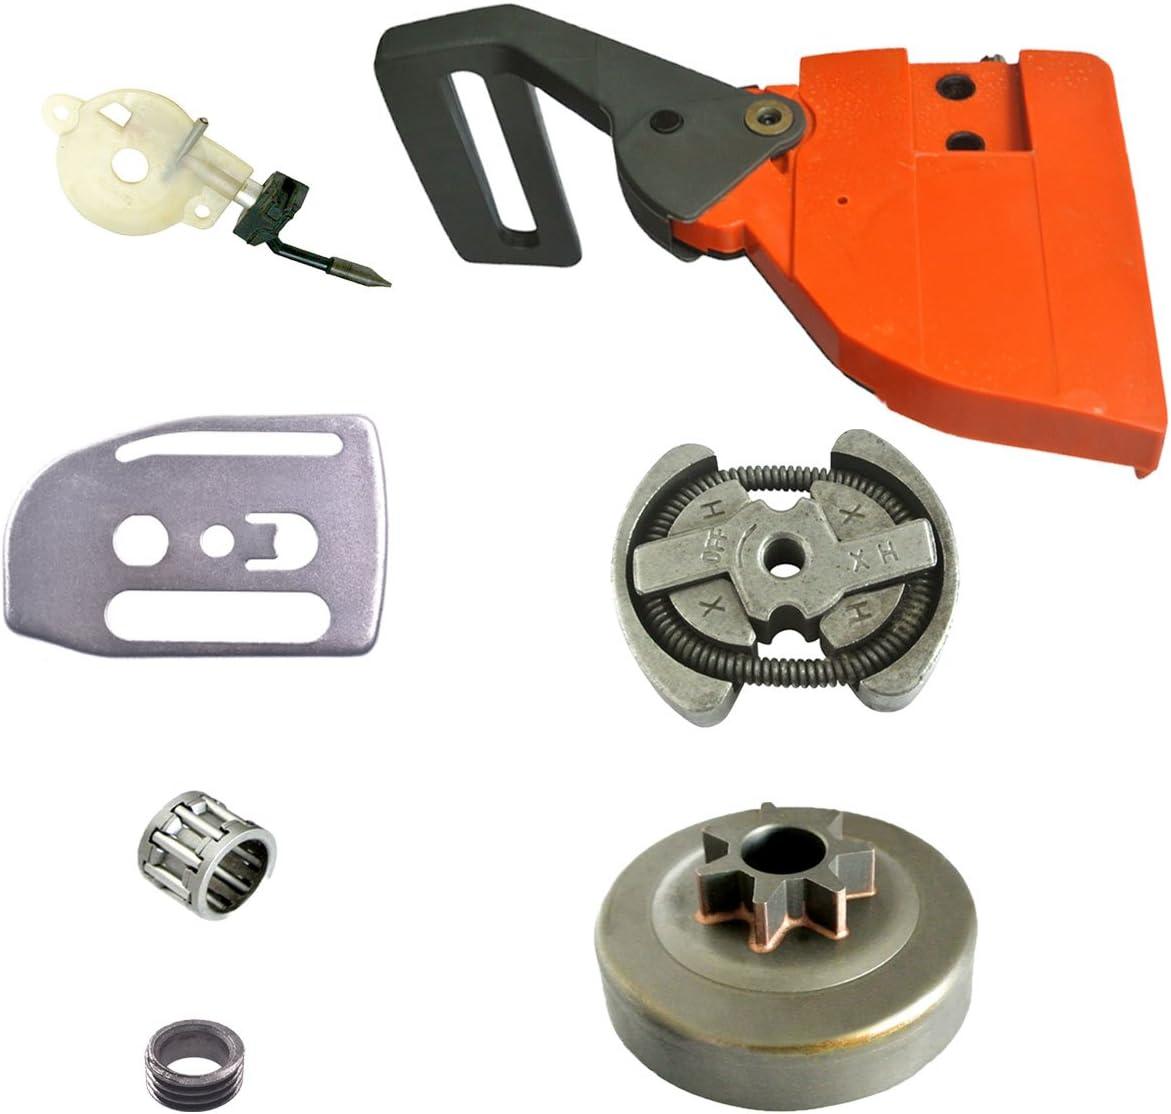 JRL Juego de manillas de freno de cadena, bomba de aceite, motosierra, pieza de repuesto para Husqvarna 136 137 141 142